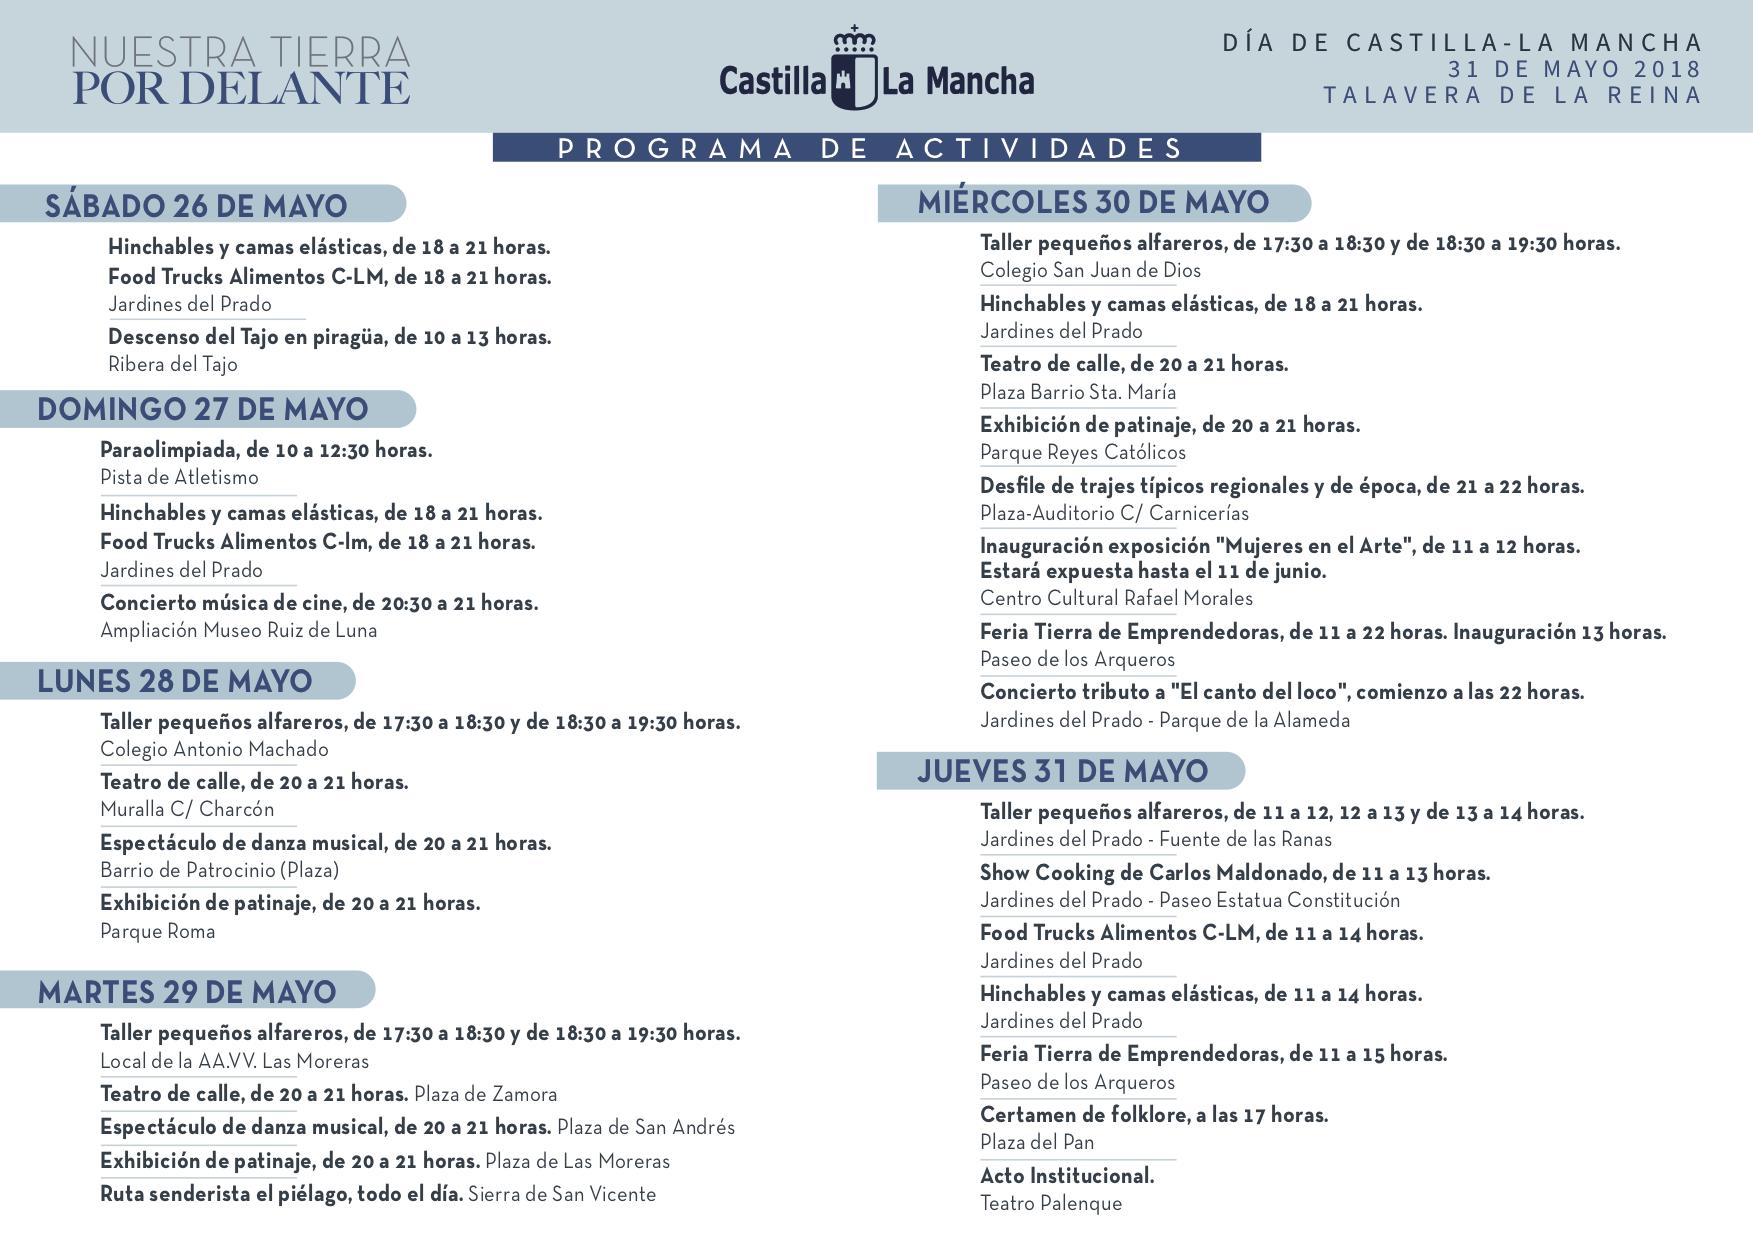 Programa de Actividades Día de Castilla-La Mancha